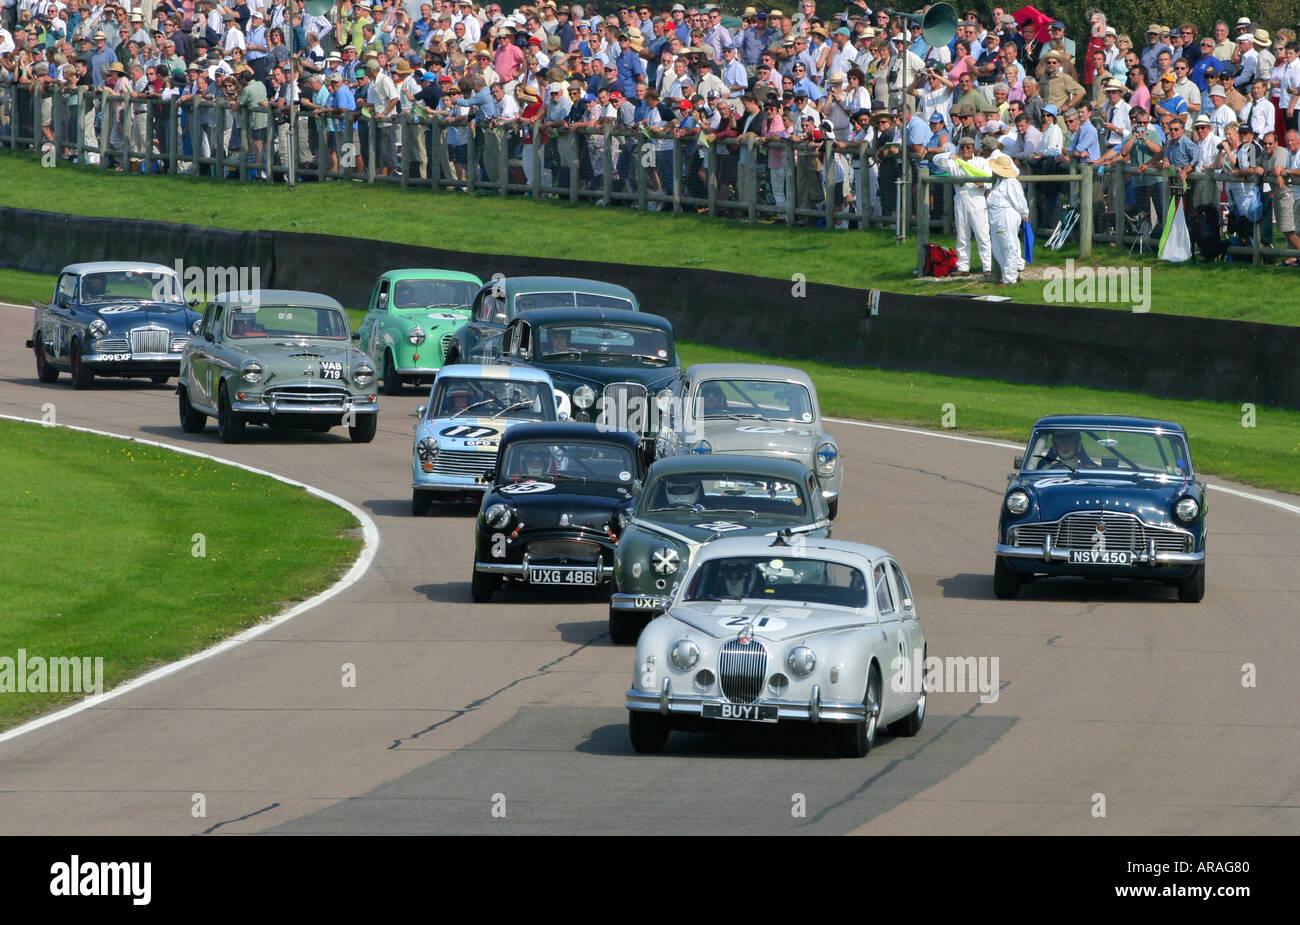 St Marys Trophy Rennen in Goodwood Revival, Sussex, UK. Stockbild